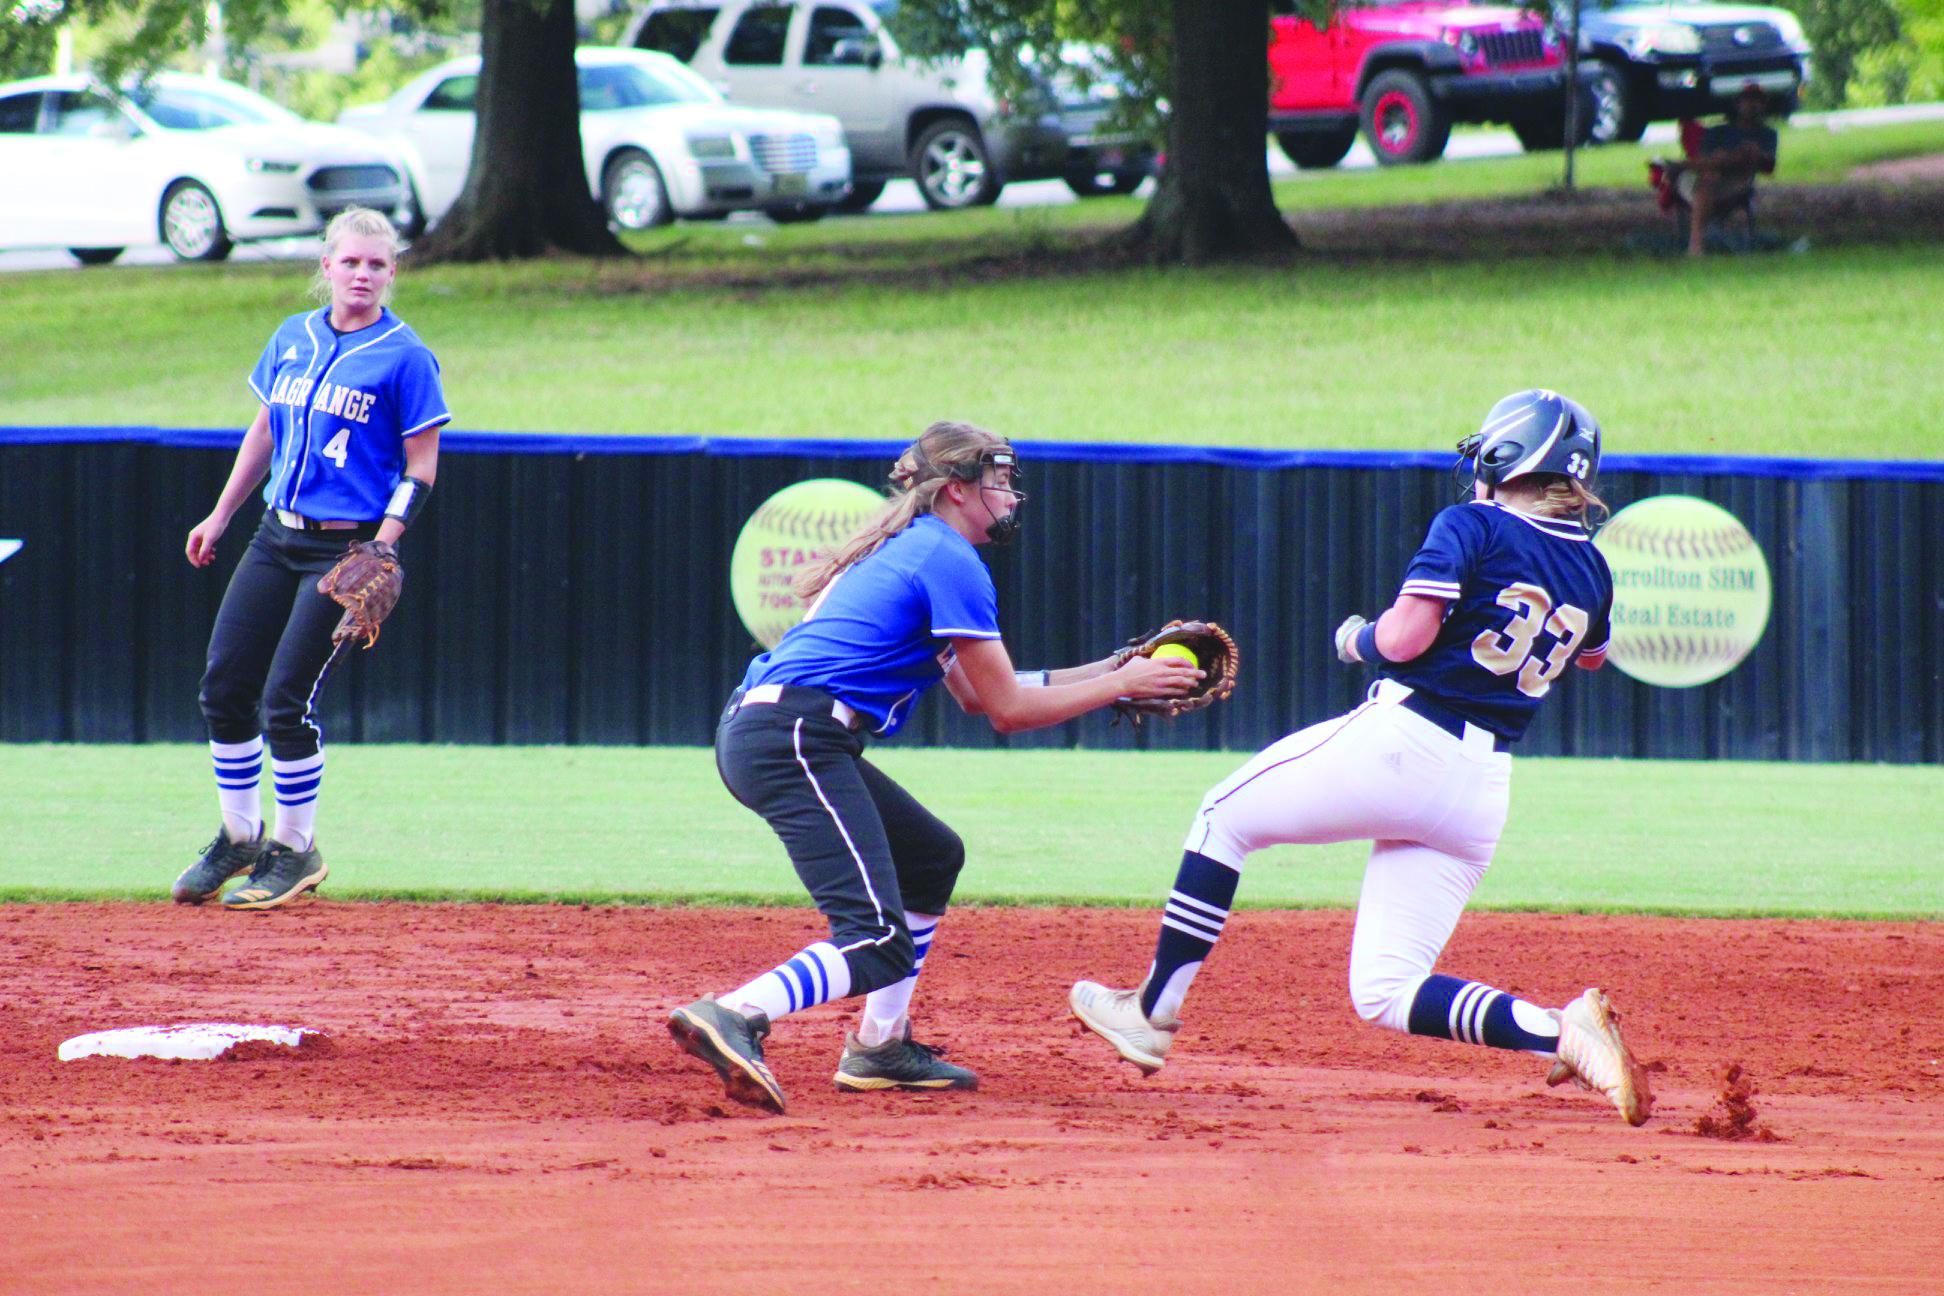 LaGrange Softball Improves to 17-7 with Win over Landmark Christian